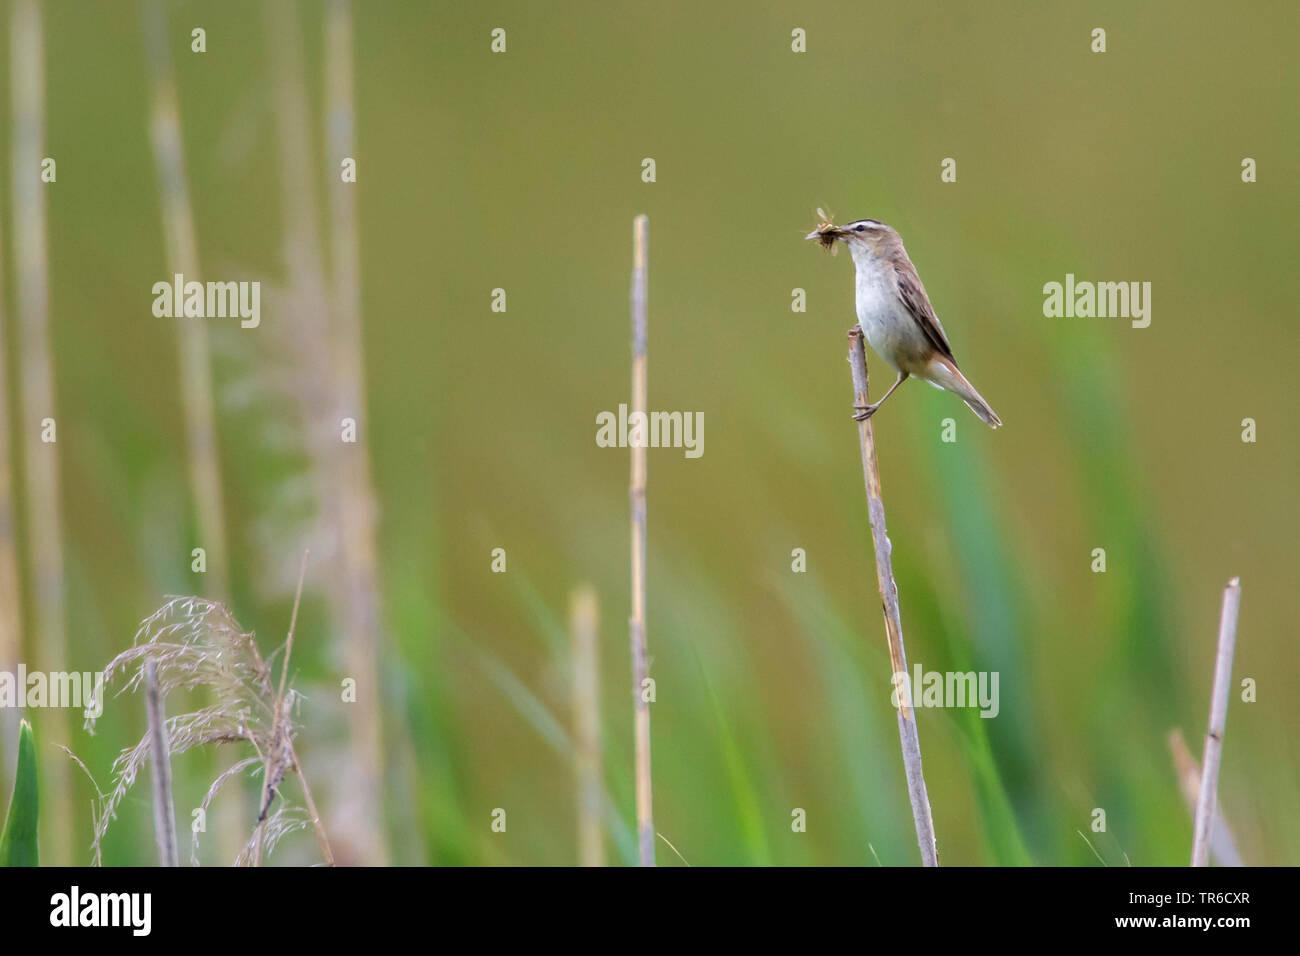 Schilfrohrsaenger, Schilf-Rohrsaenger (Acrocephalus schoenobaenus), sitzt auf einem Schilfhalm mit dem Schnabel voller Insekten, Seitenansicht, Deutsc - Stock Image